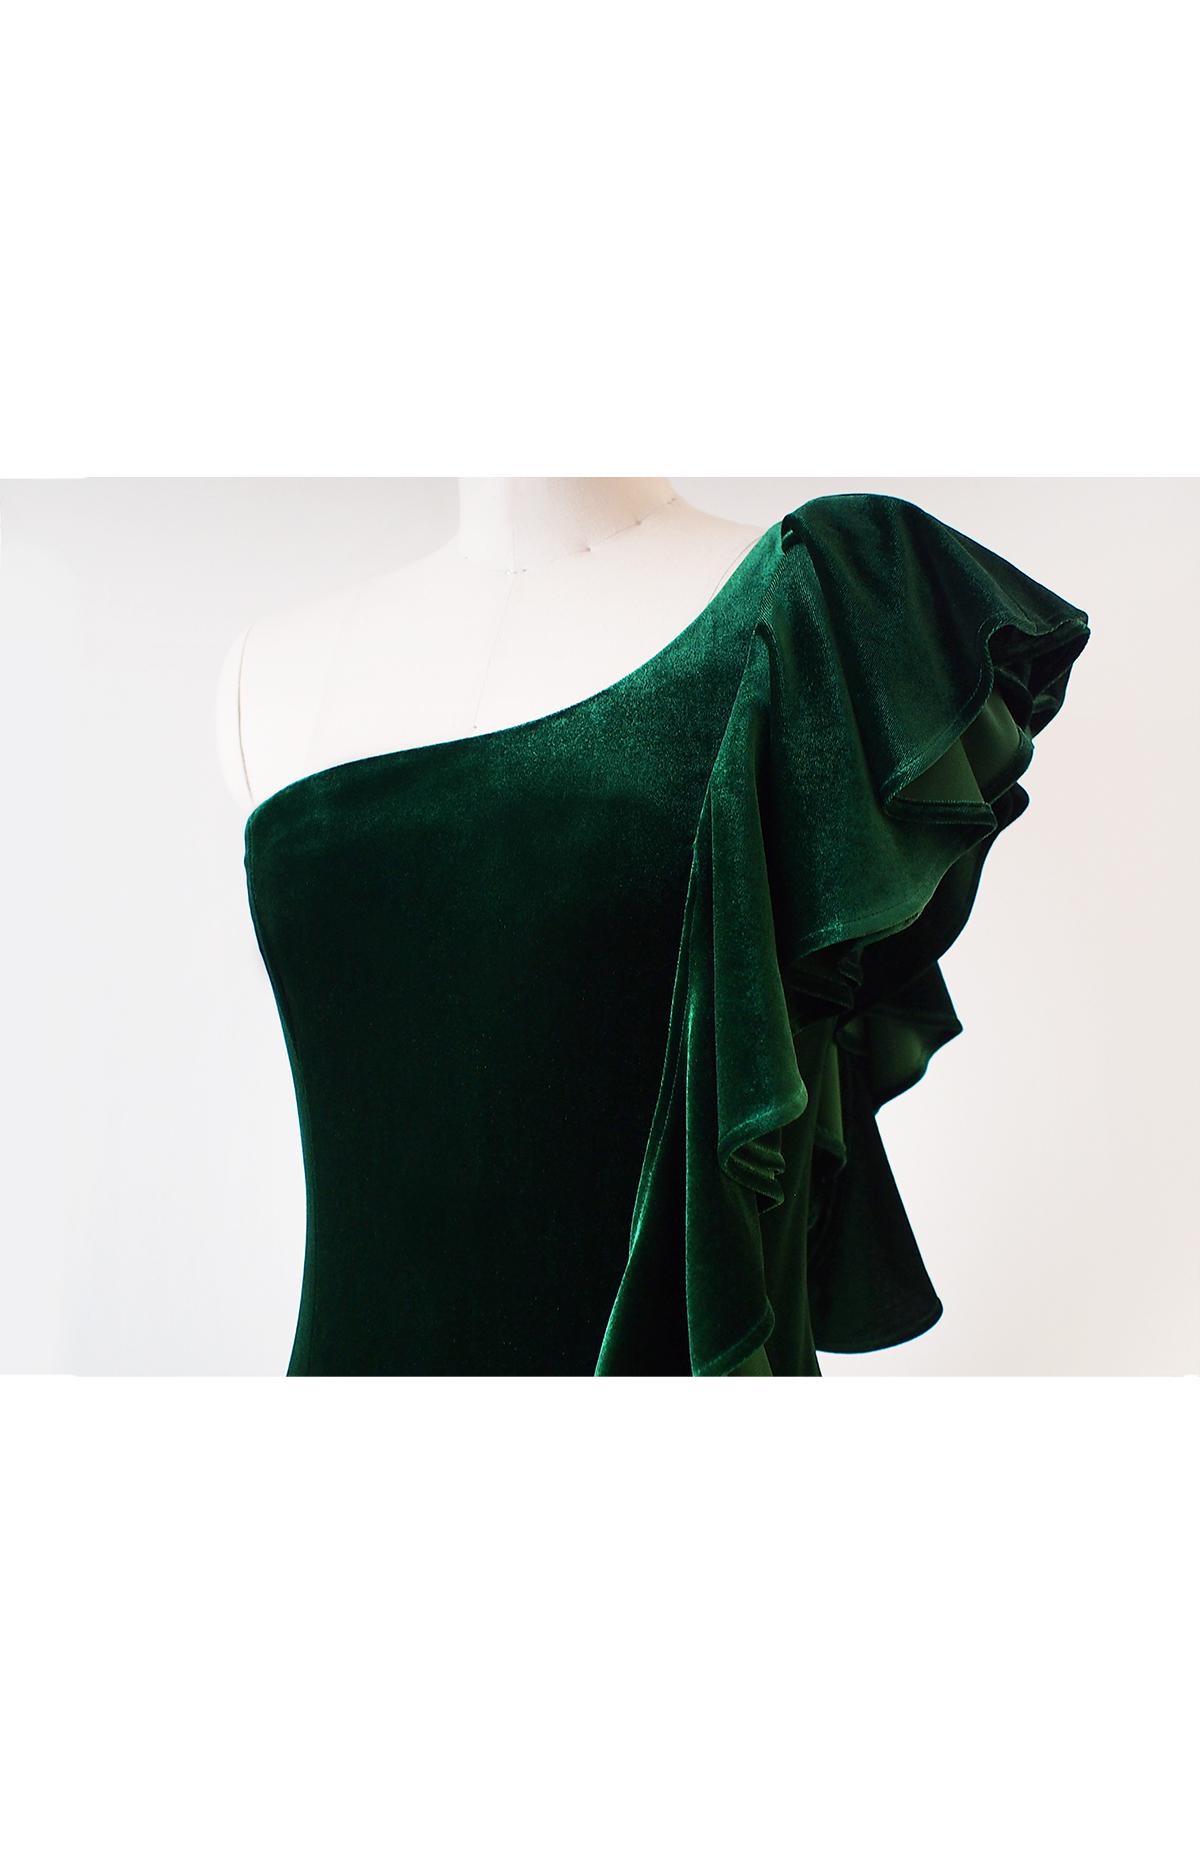 dress05_2_201707223